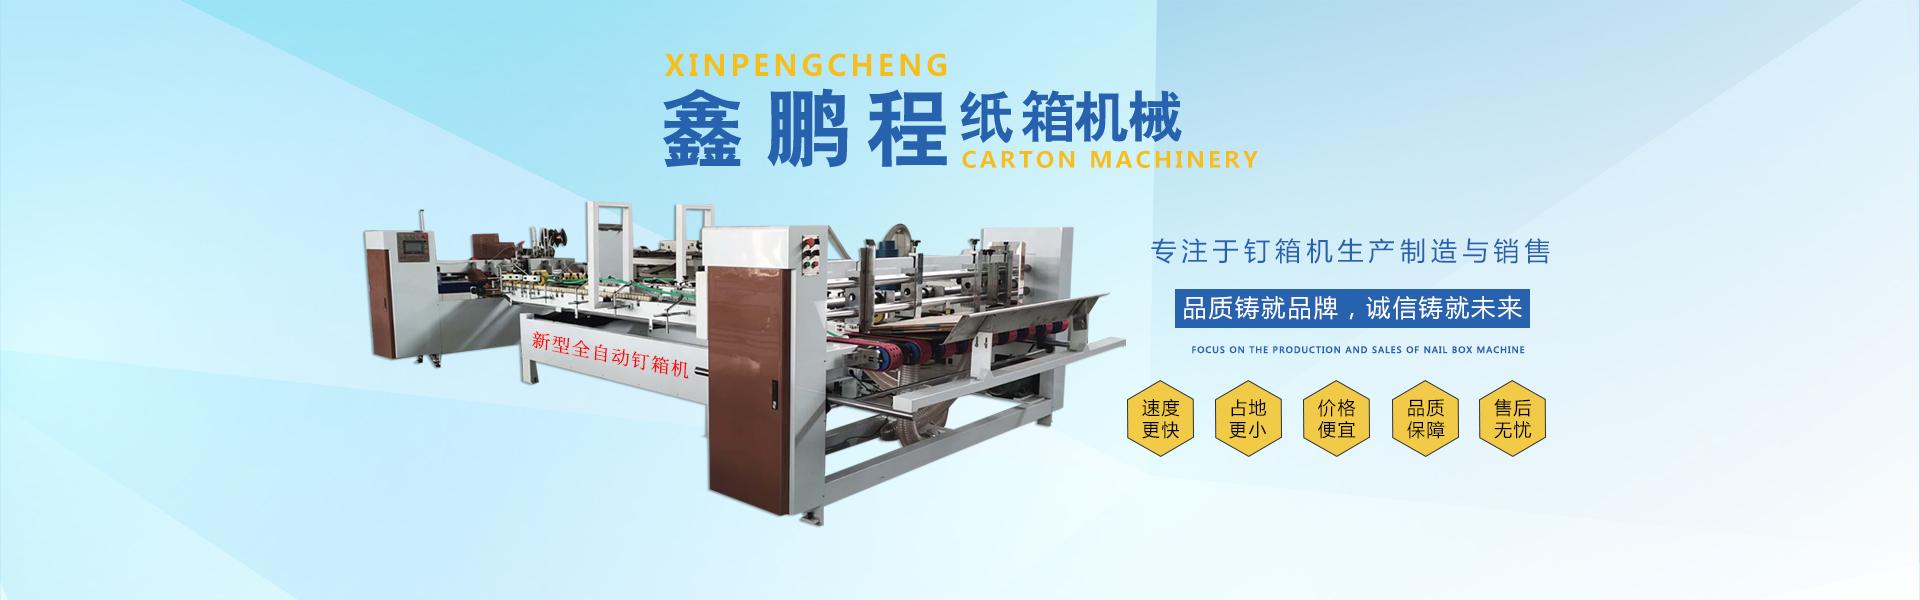 印刷粘箱联动线